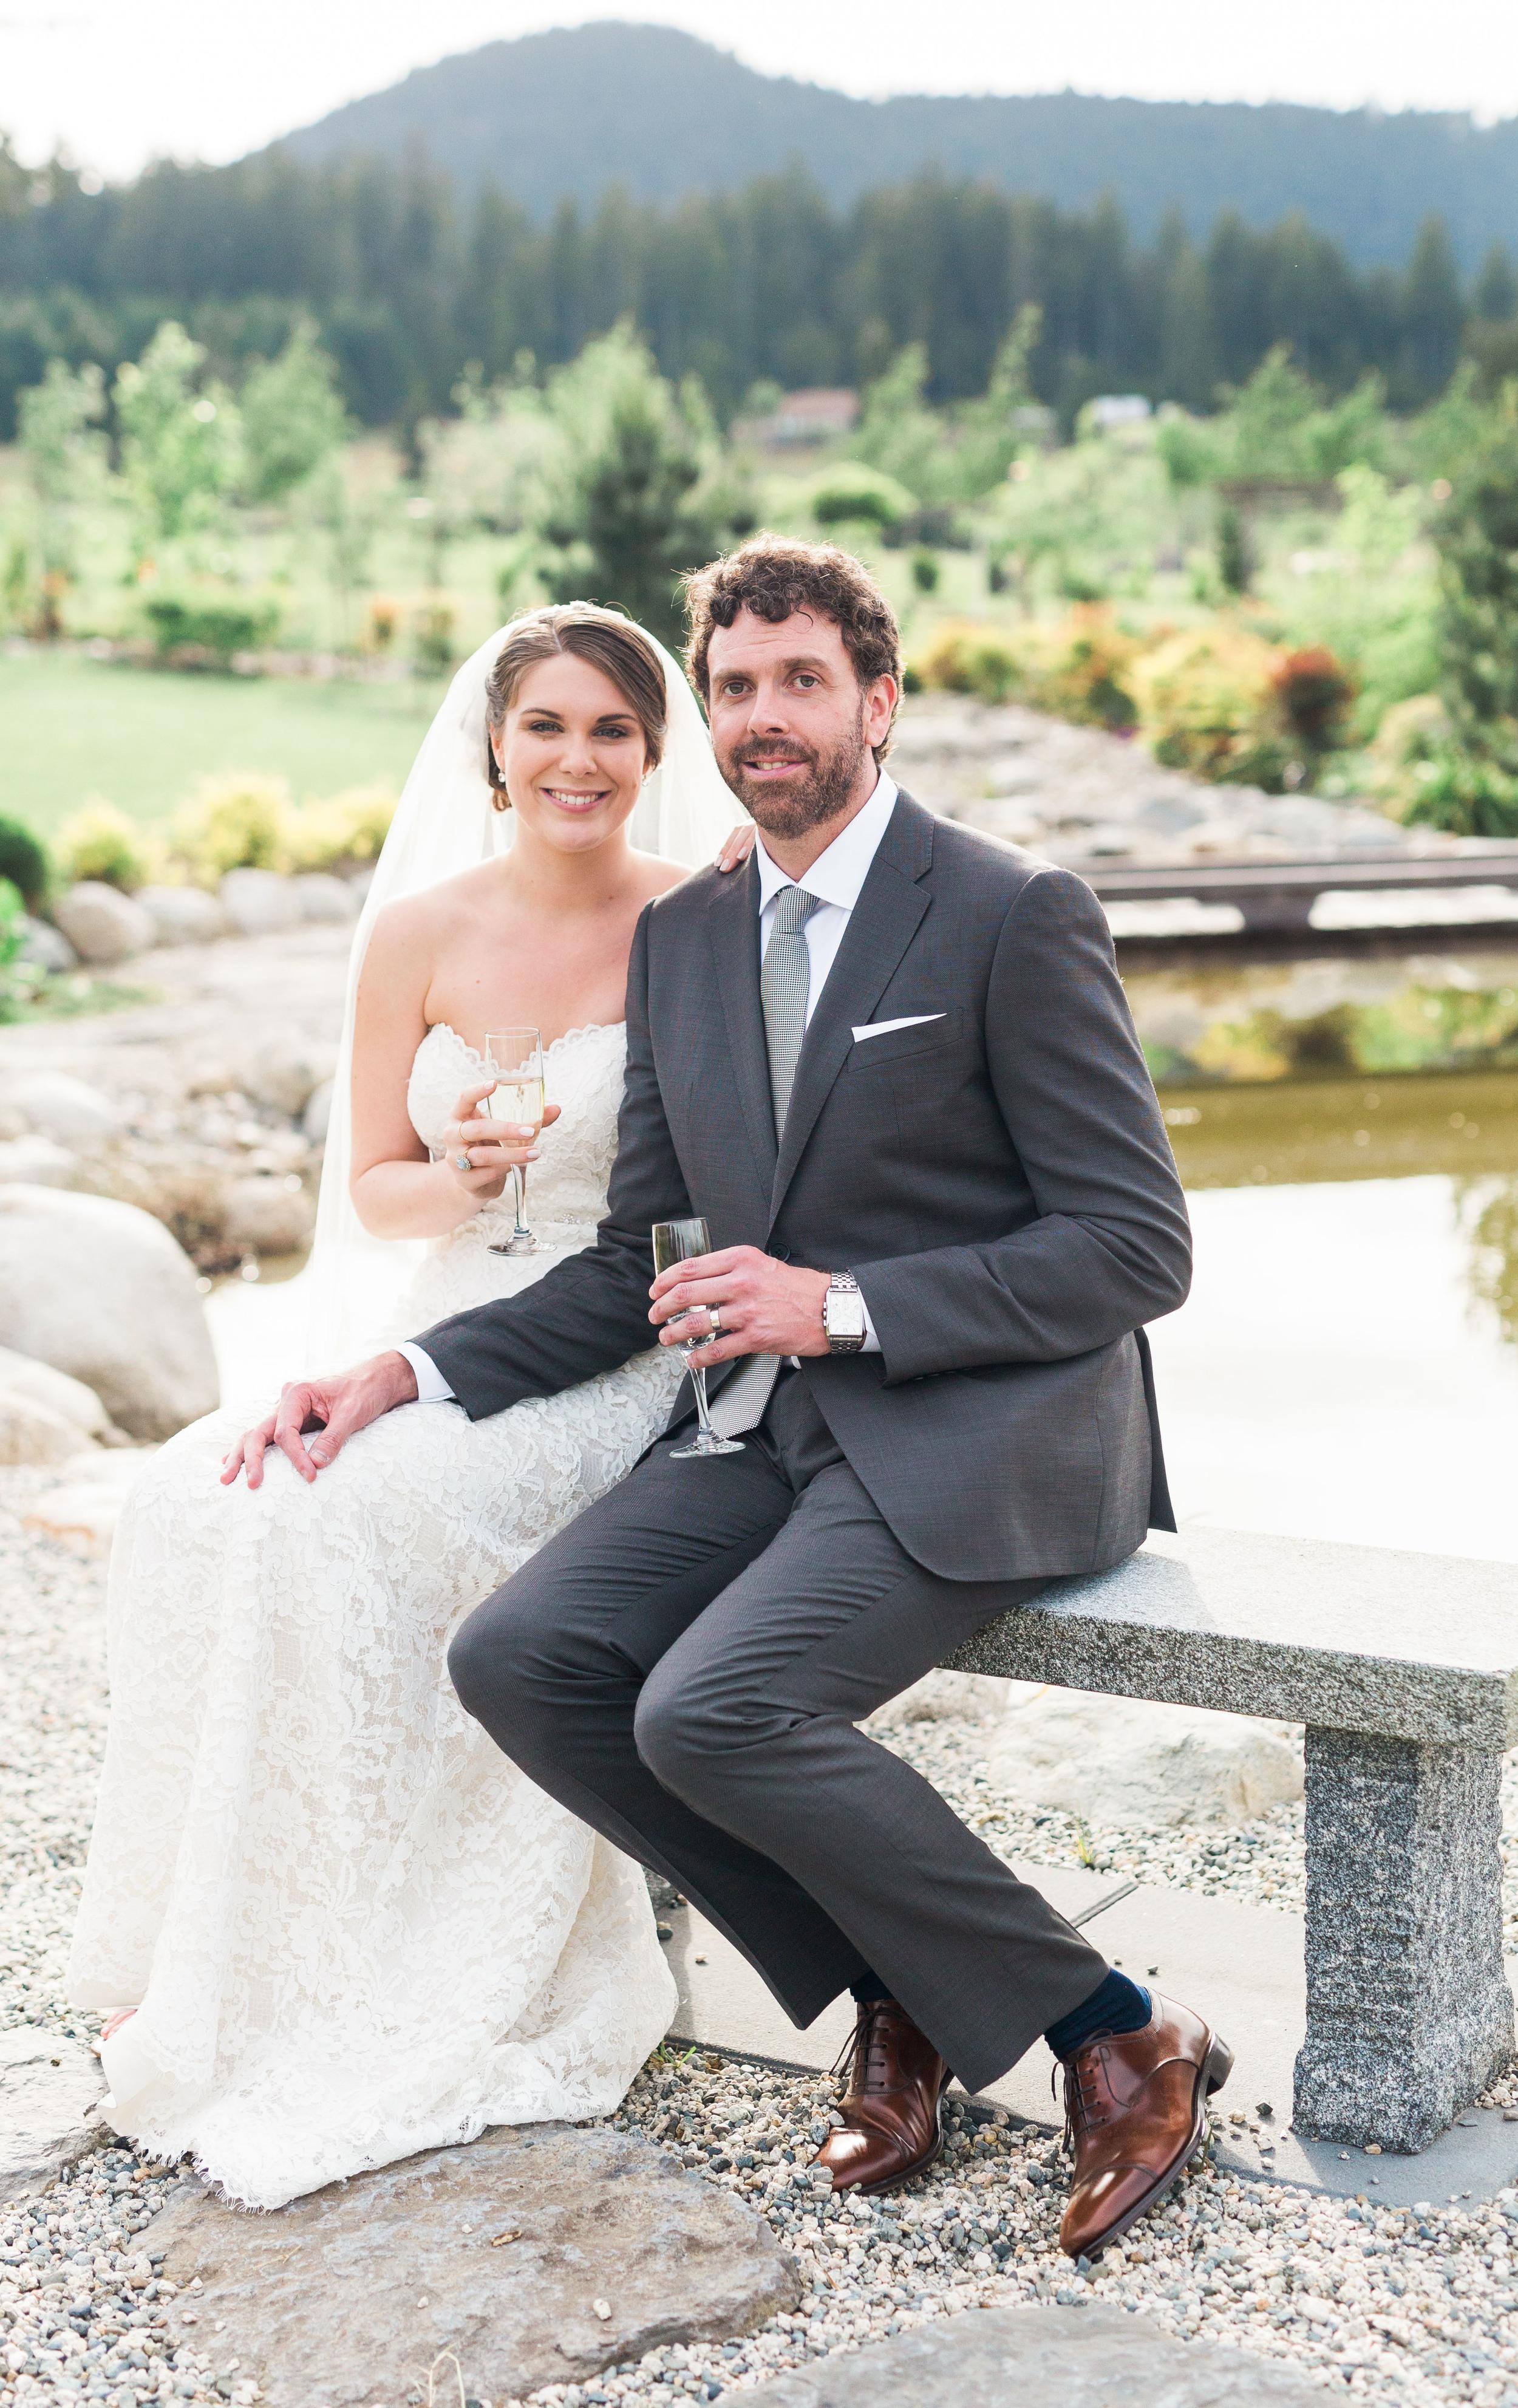 SunshineCoast-BC-Wedding-Photographer067.jpg